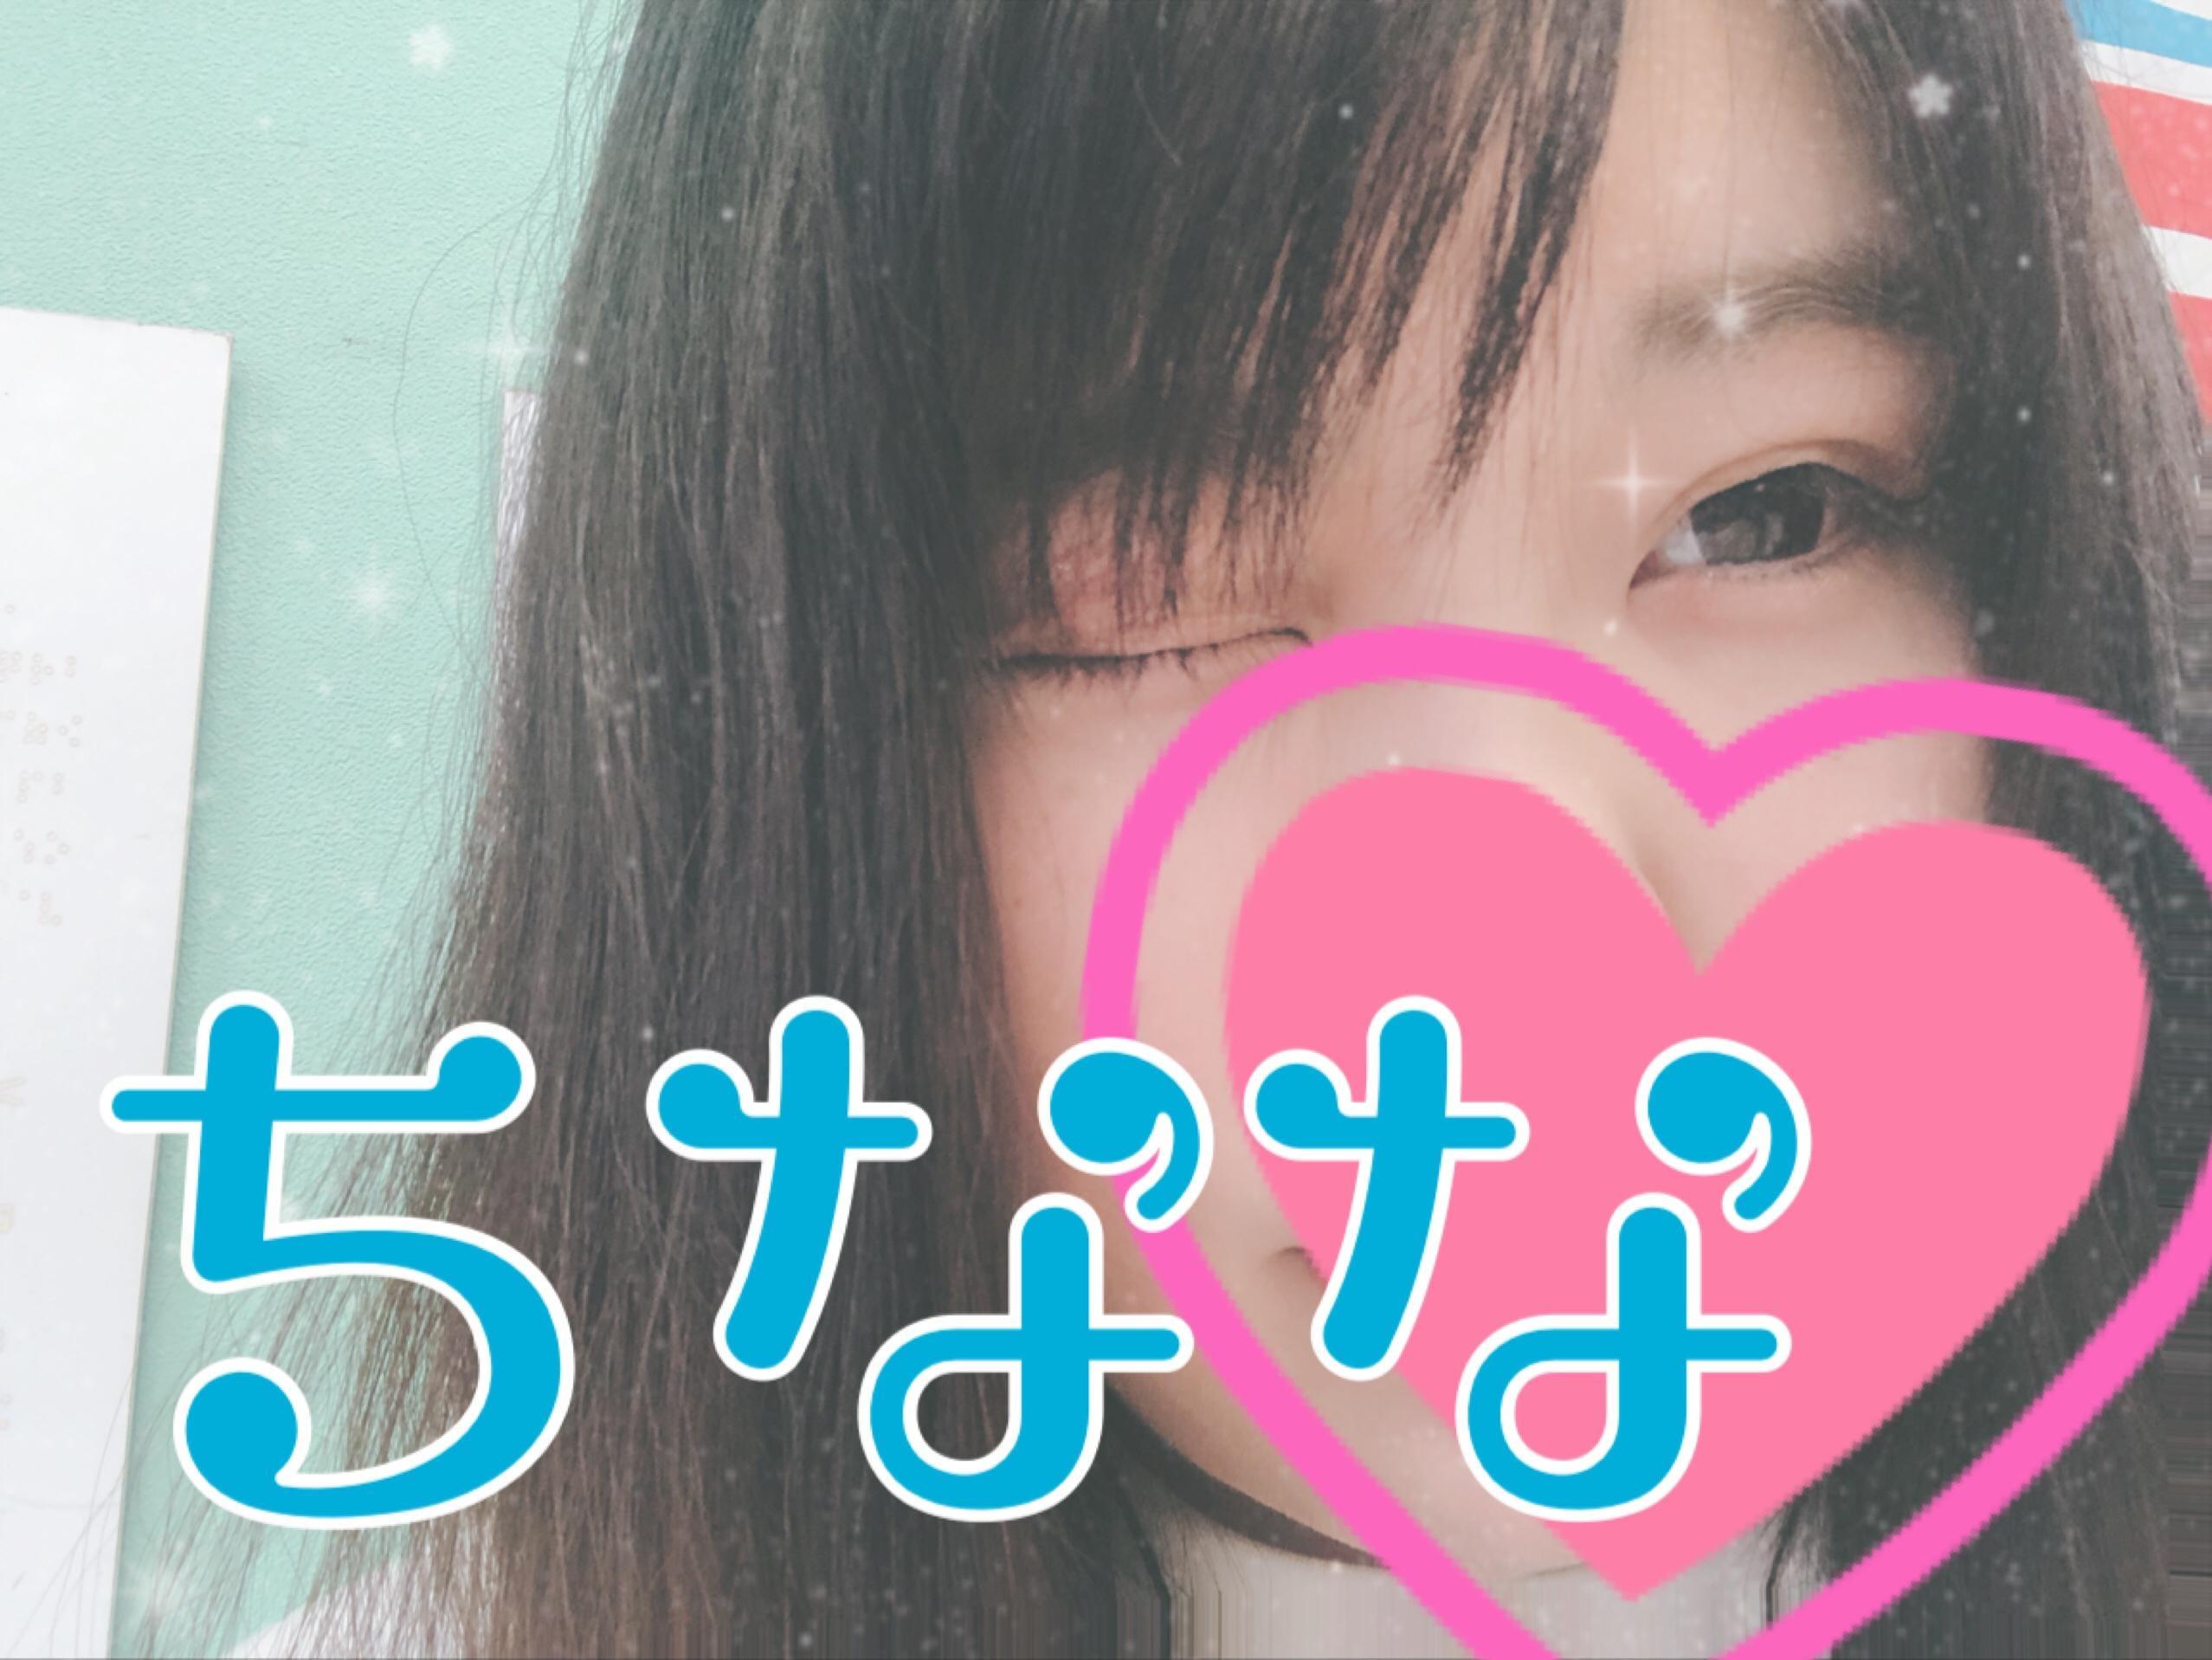 「待機だよ✧*̣̩⋆̩☽⋆゜」07/18日(水) 19:25 | ちななの写メ・風俗動画